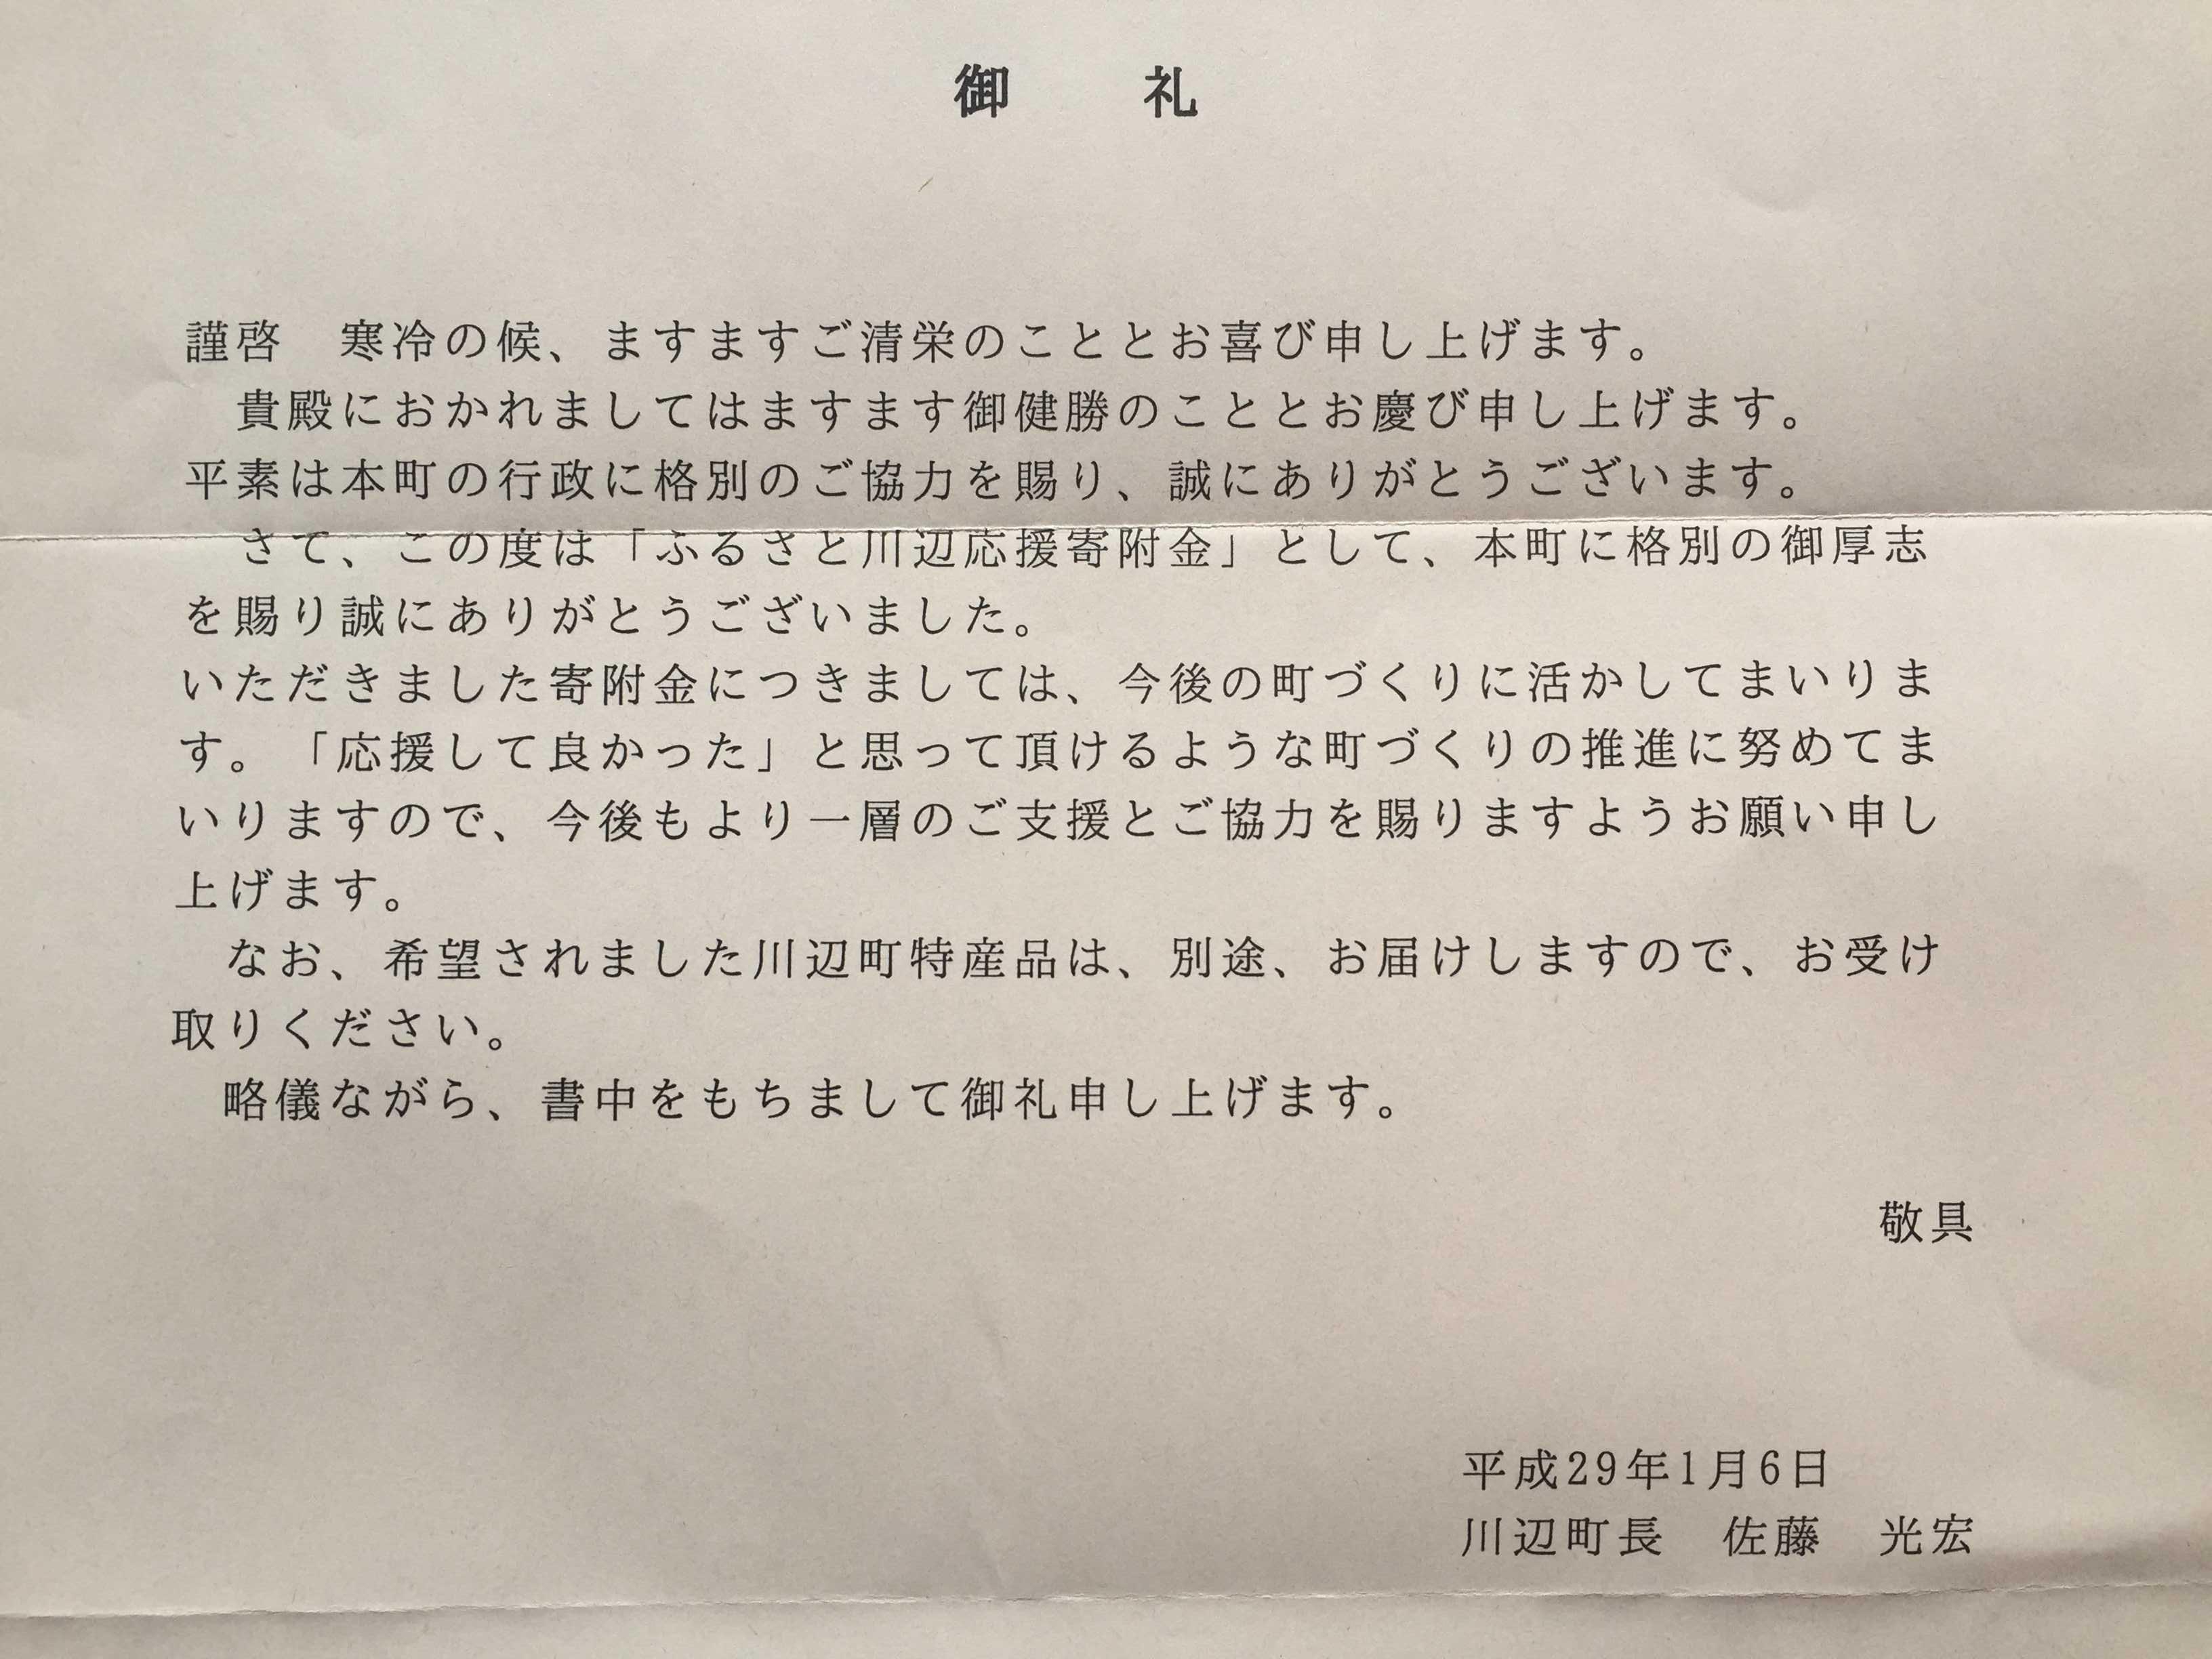 佐藤光宏・川辺町長からの「ふるさと川辺応援寄附金」への御礼の手紙